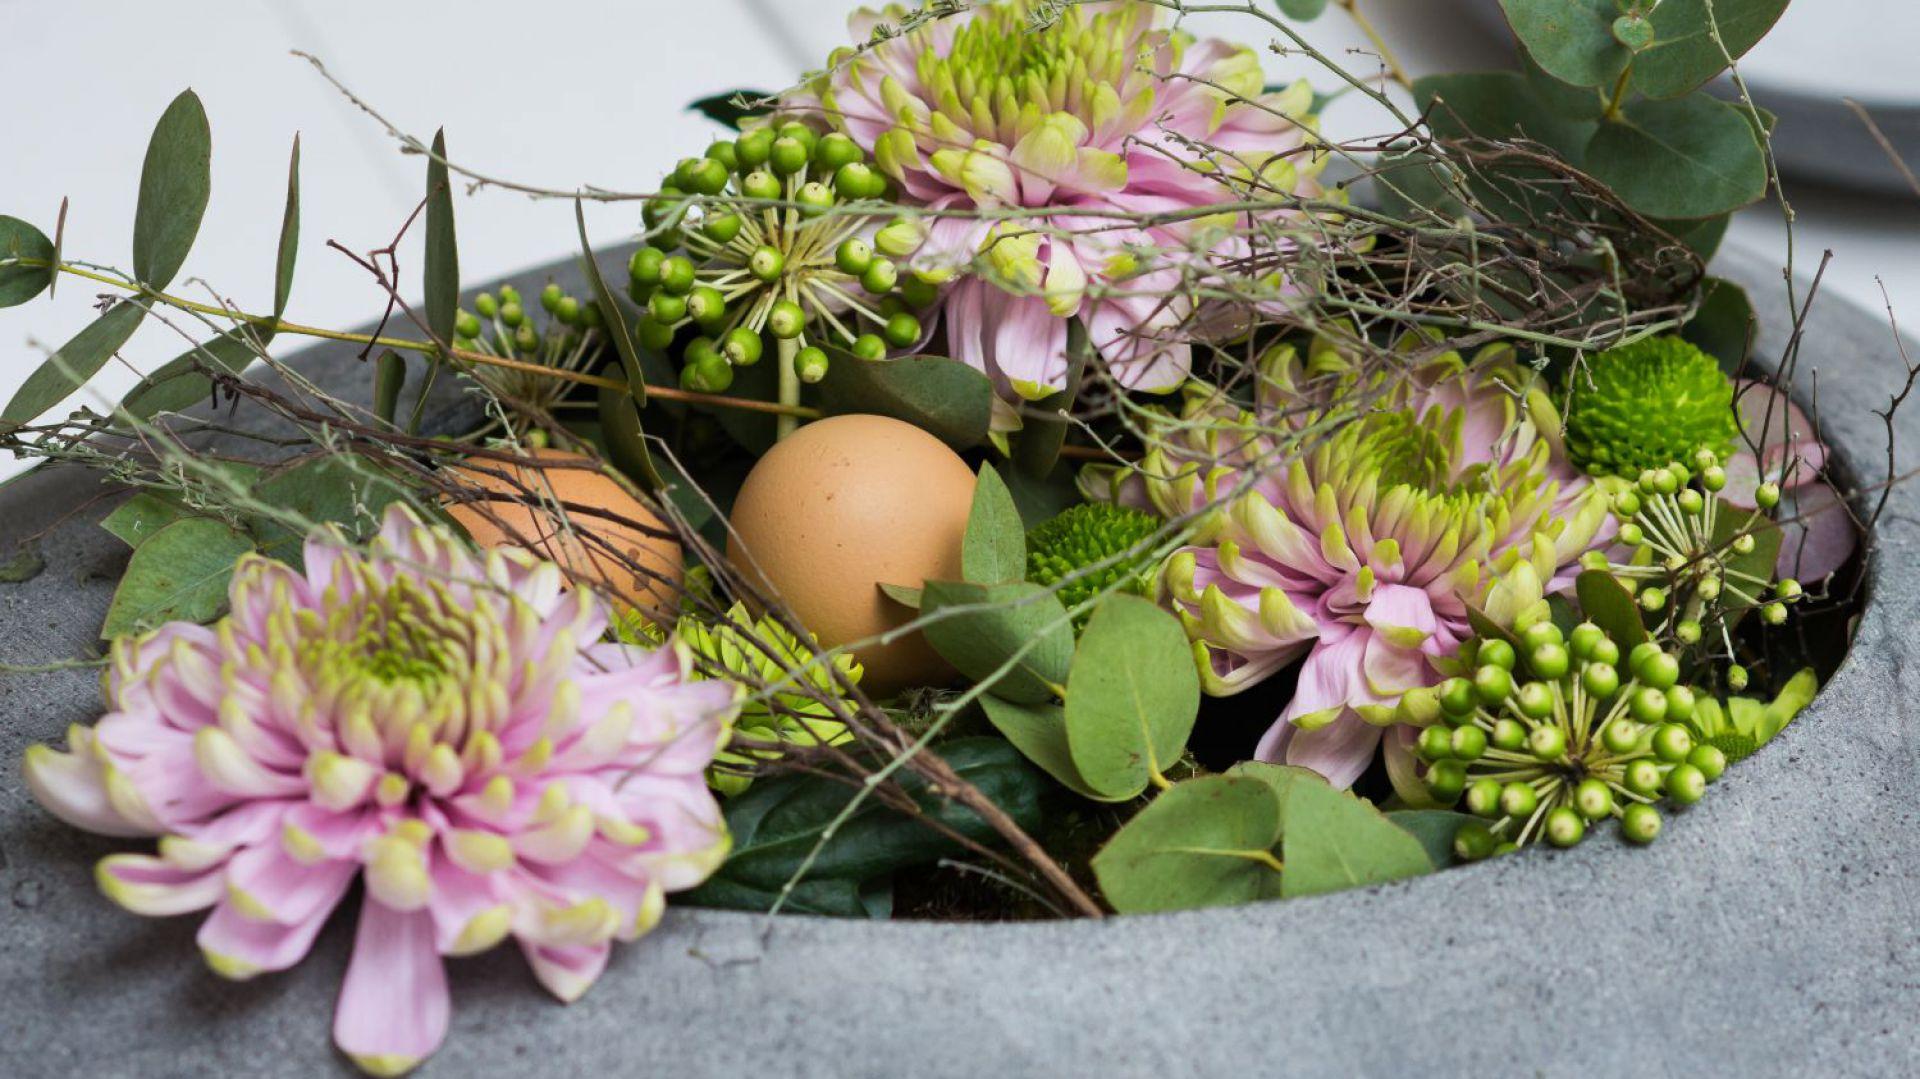 Wielkanocne dekoracje z chryzantemami. Kompozycje: Szkoła Florystyczna Małgorzaty Niskiej. Fot. Olga Borowska